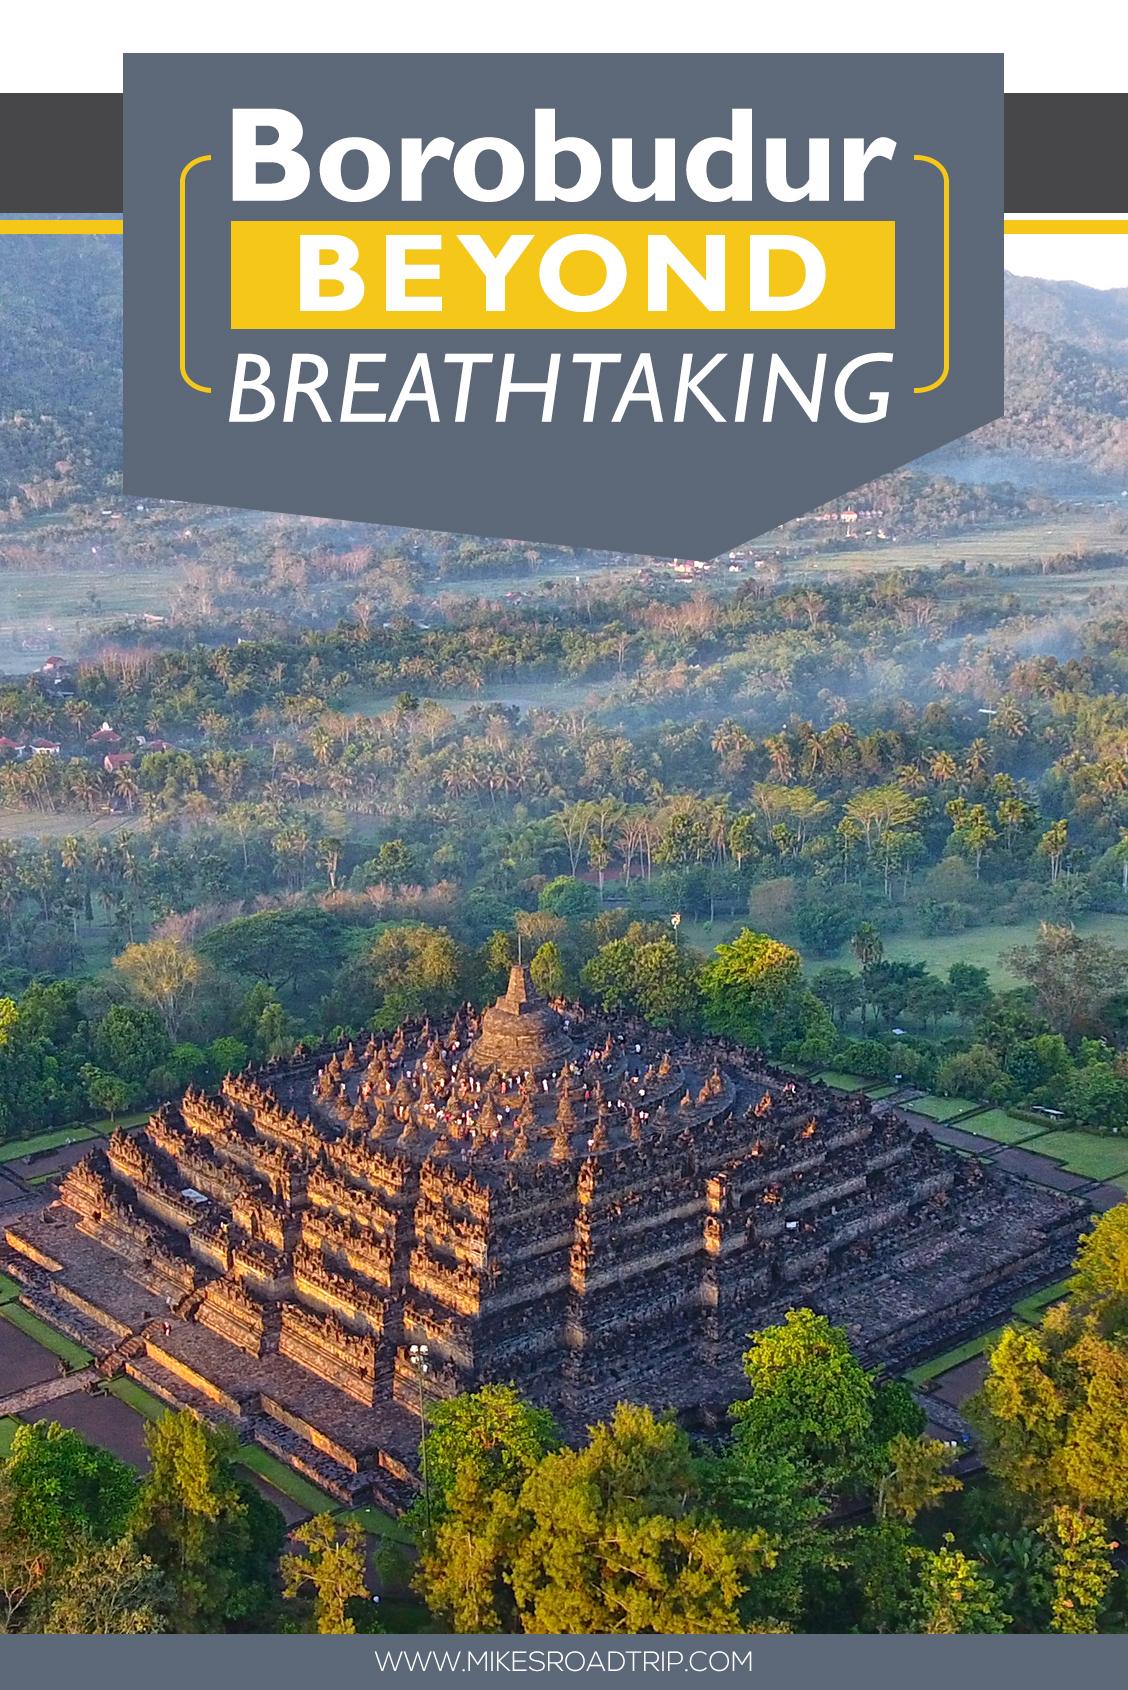 Borobudur Pin by MikesRoadTrip.com